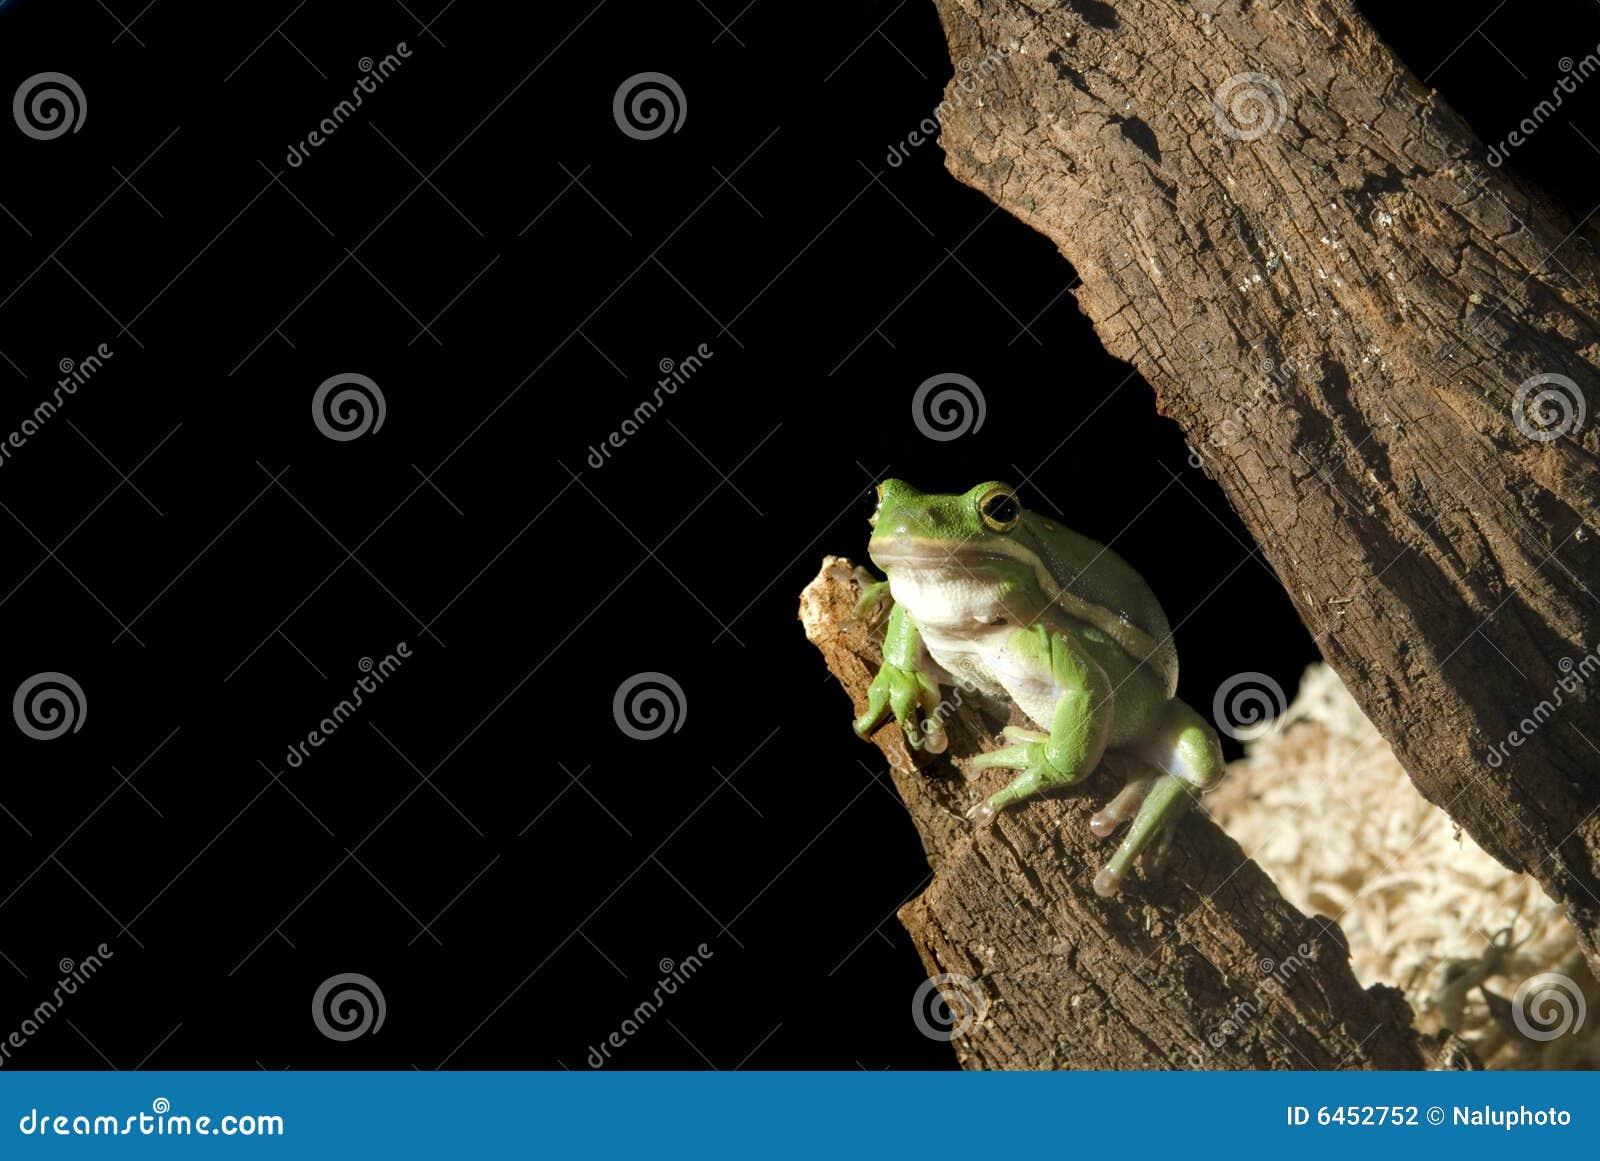 Rana di albero verde